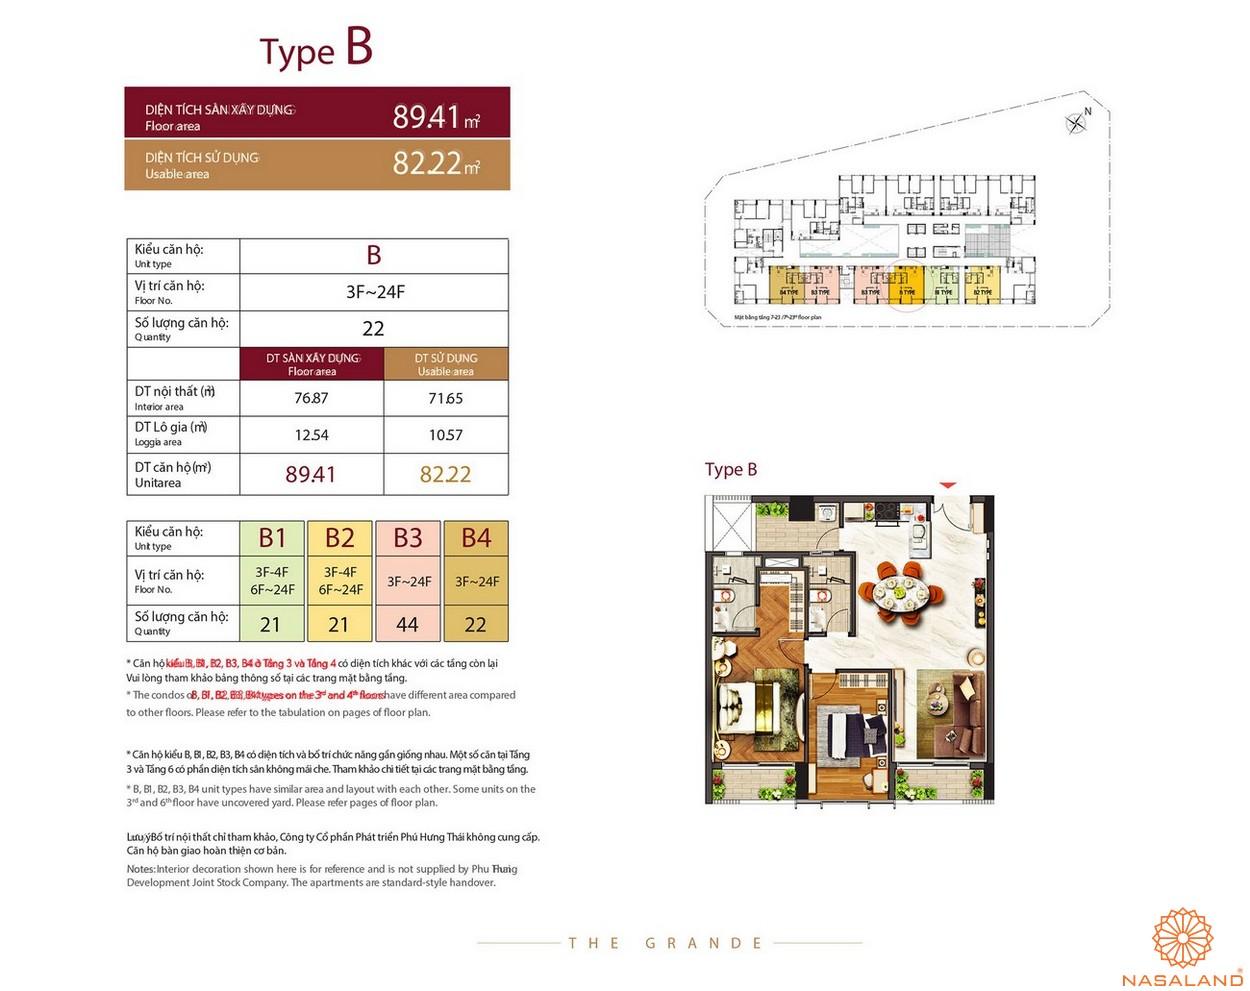 Thiết kế căn hộ Type B dự án The Grande Midtown quận 7